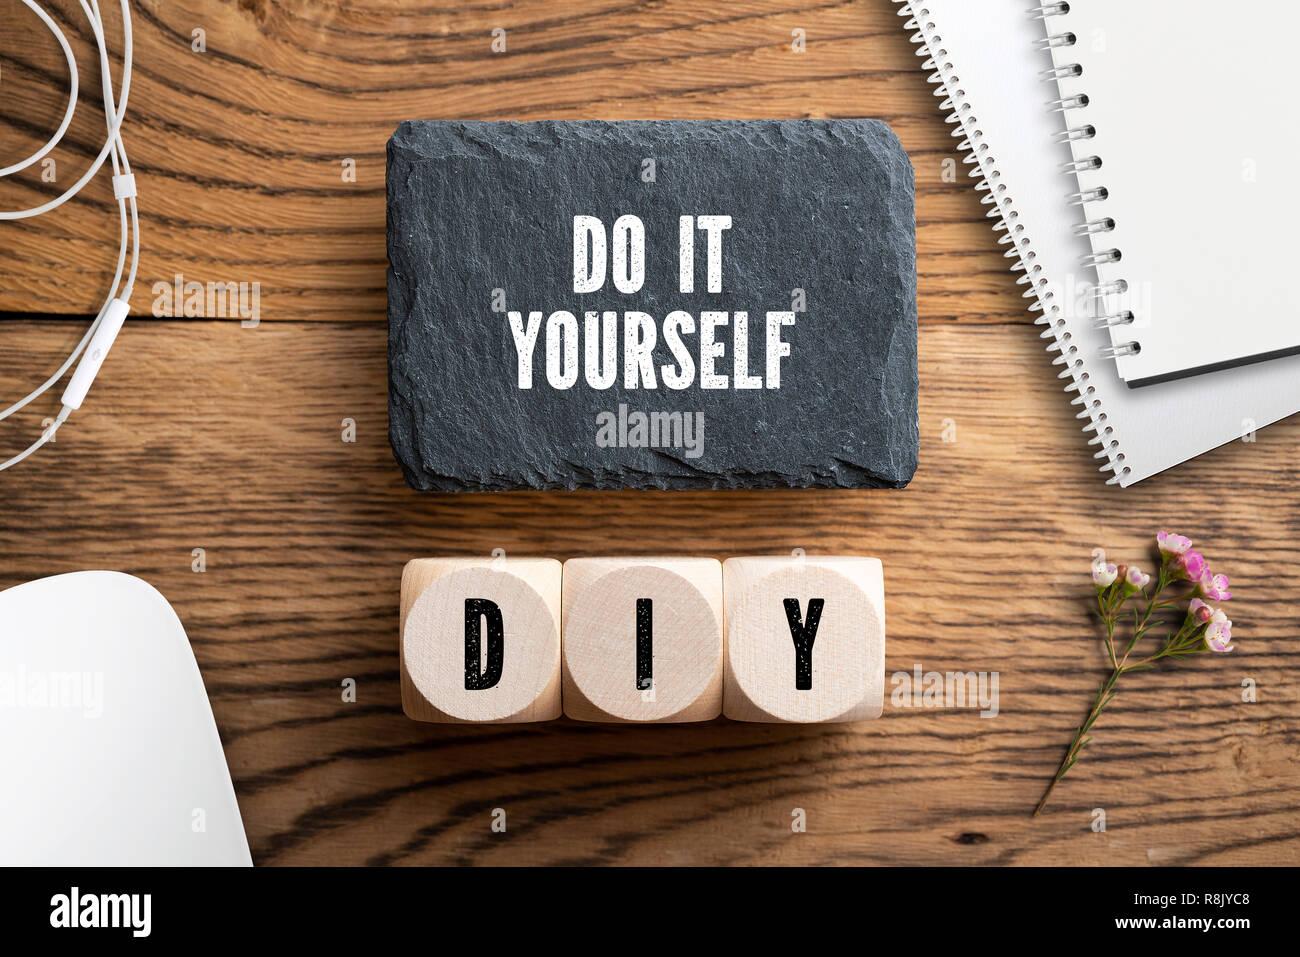 Meldung 'Do it yourself' und Würfel mit akronym DIY auf hölzernen Hintergrund Stockbild